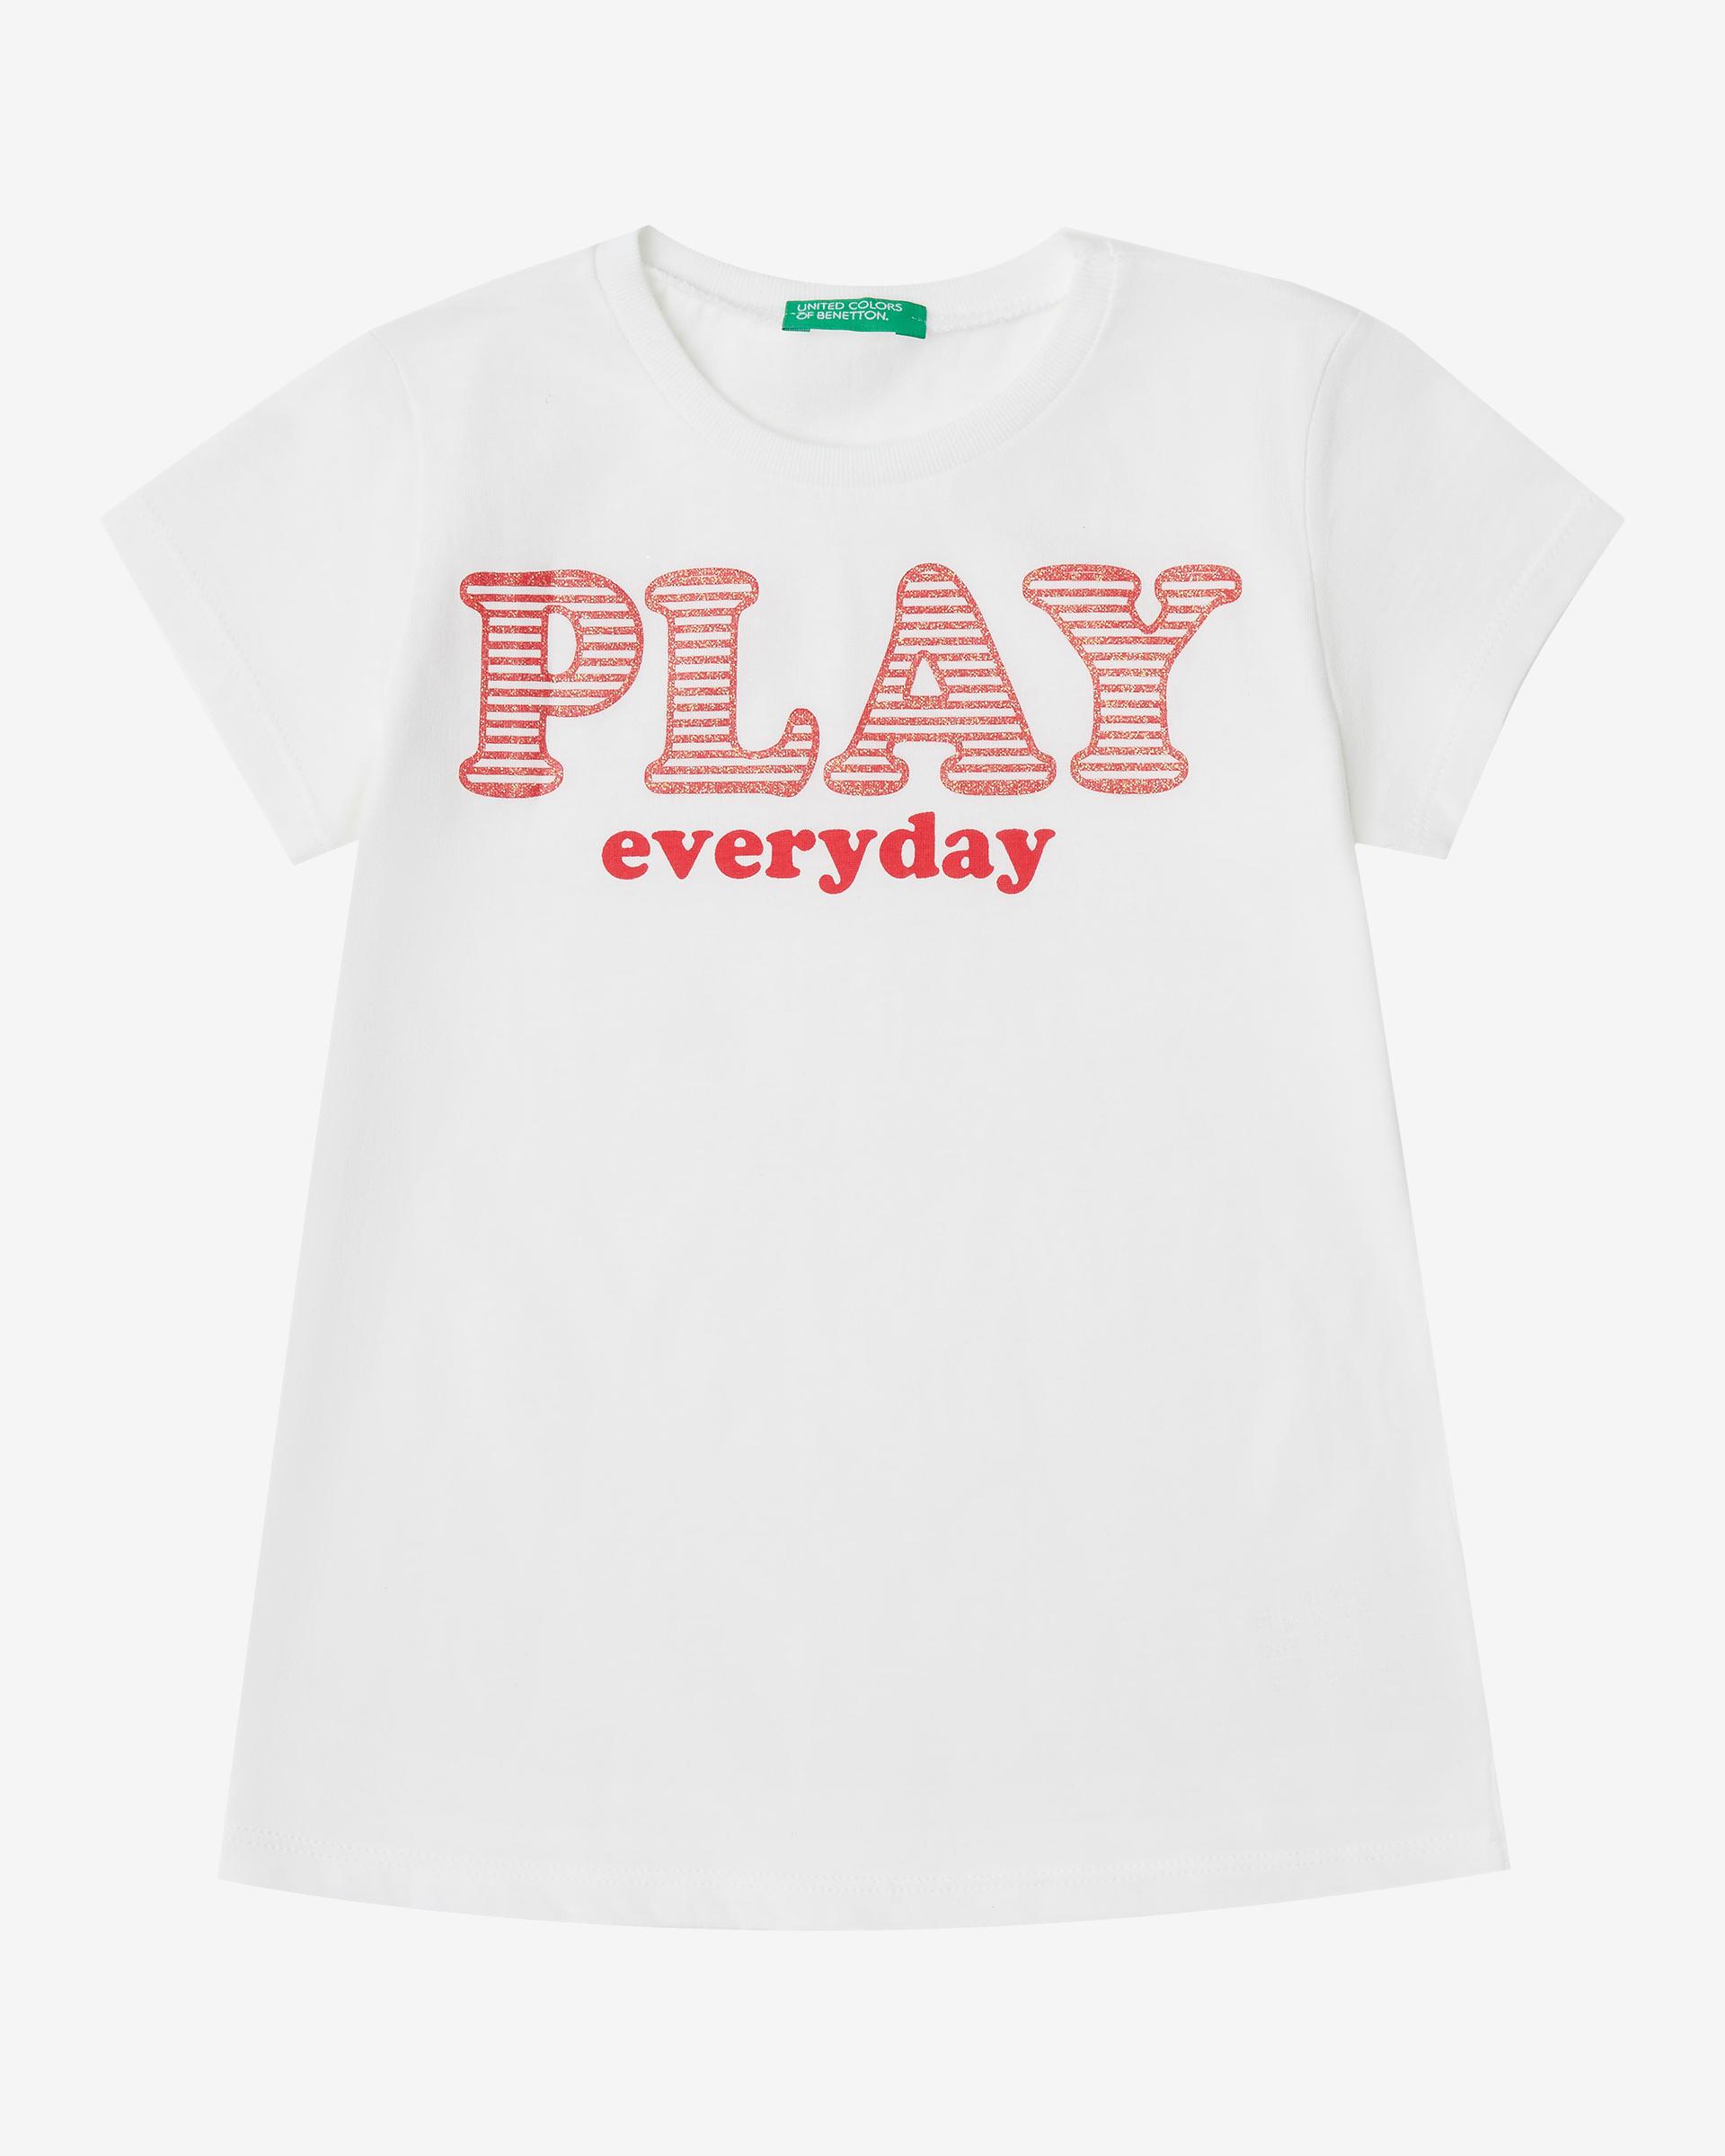 Купить 20P_3096C14MO_101, Футболка для девочек Benetton 3096C14MO_101 р-р 110, United Colors of Benetton, Футболки для девочек